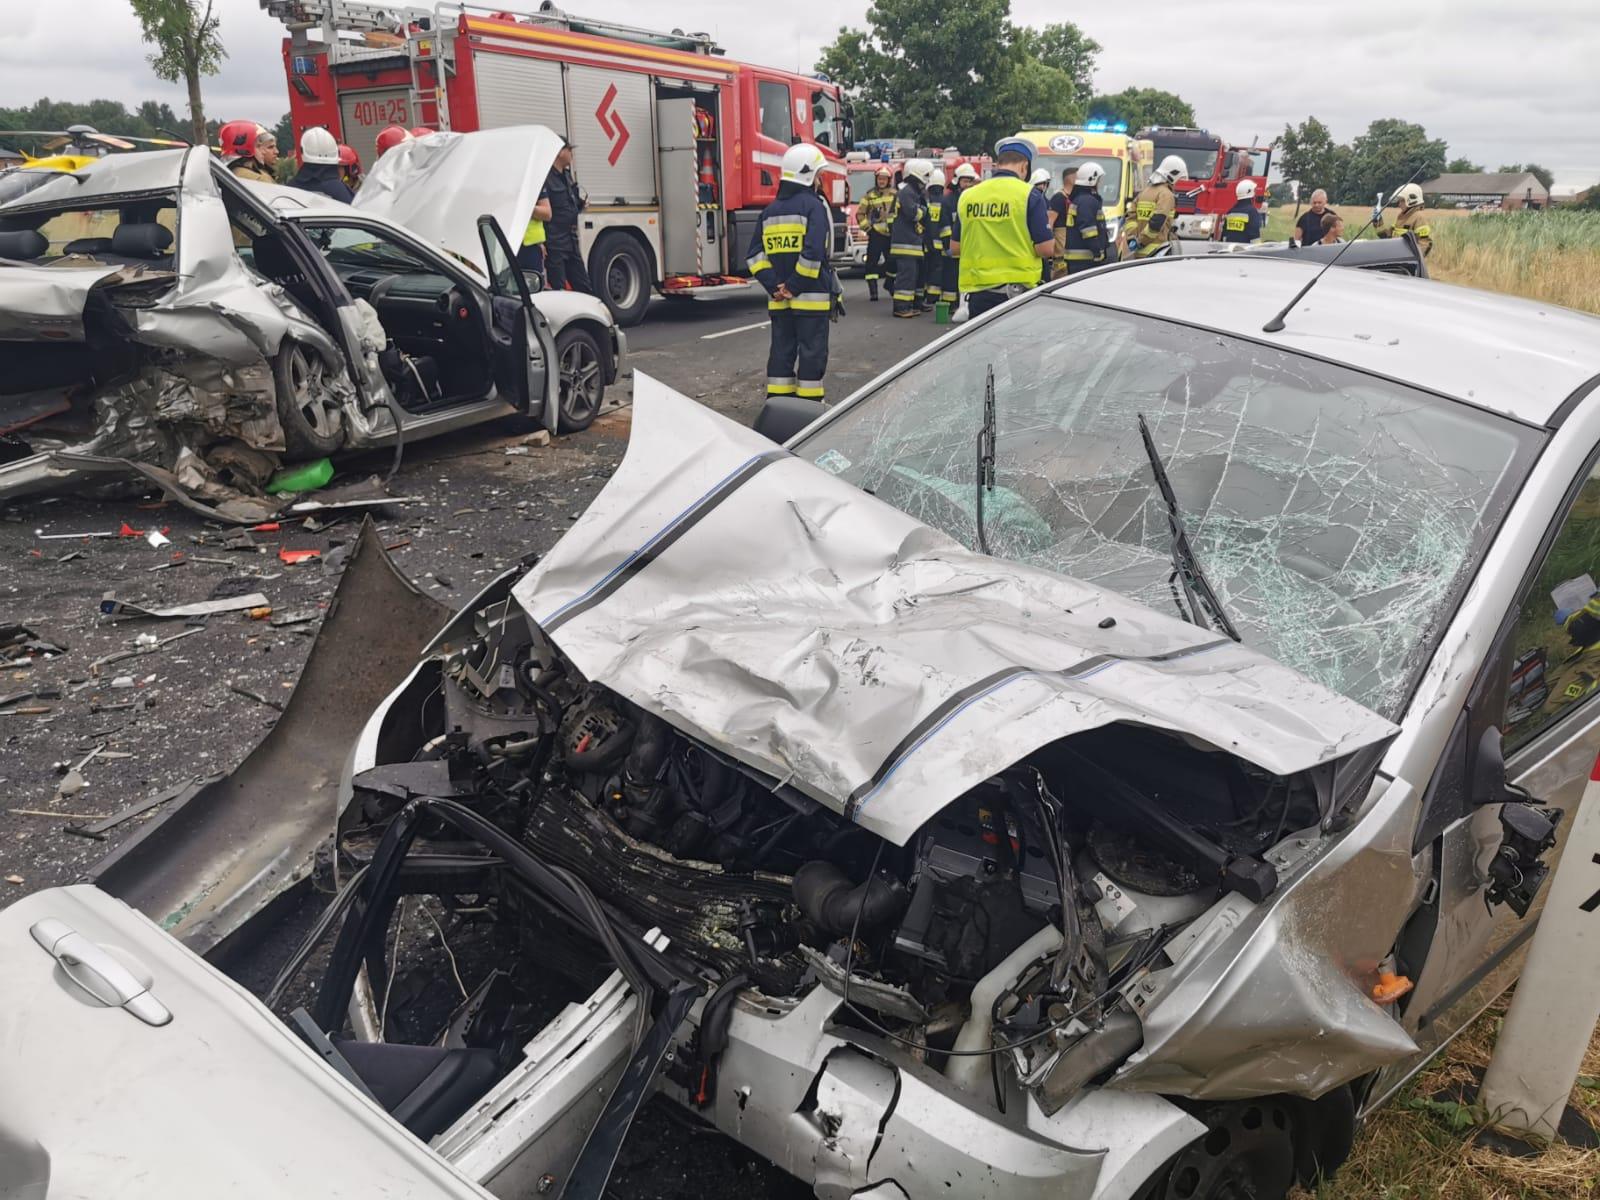 Fatalny wypadek pod Bełchatowem. Cztery osoby w szpitalu, jedna reanimowana na miejscu[FOTO] - Zdjęcie główne